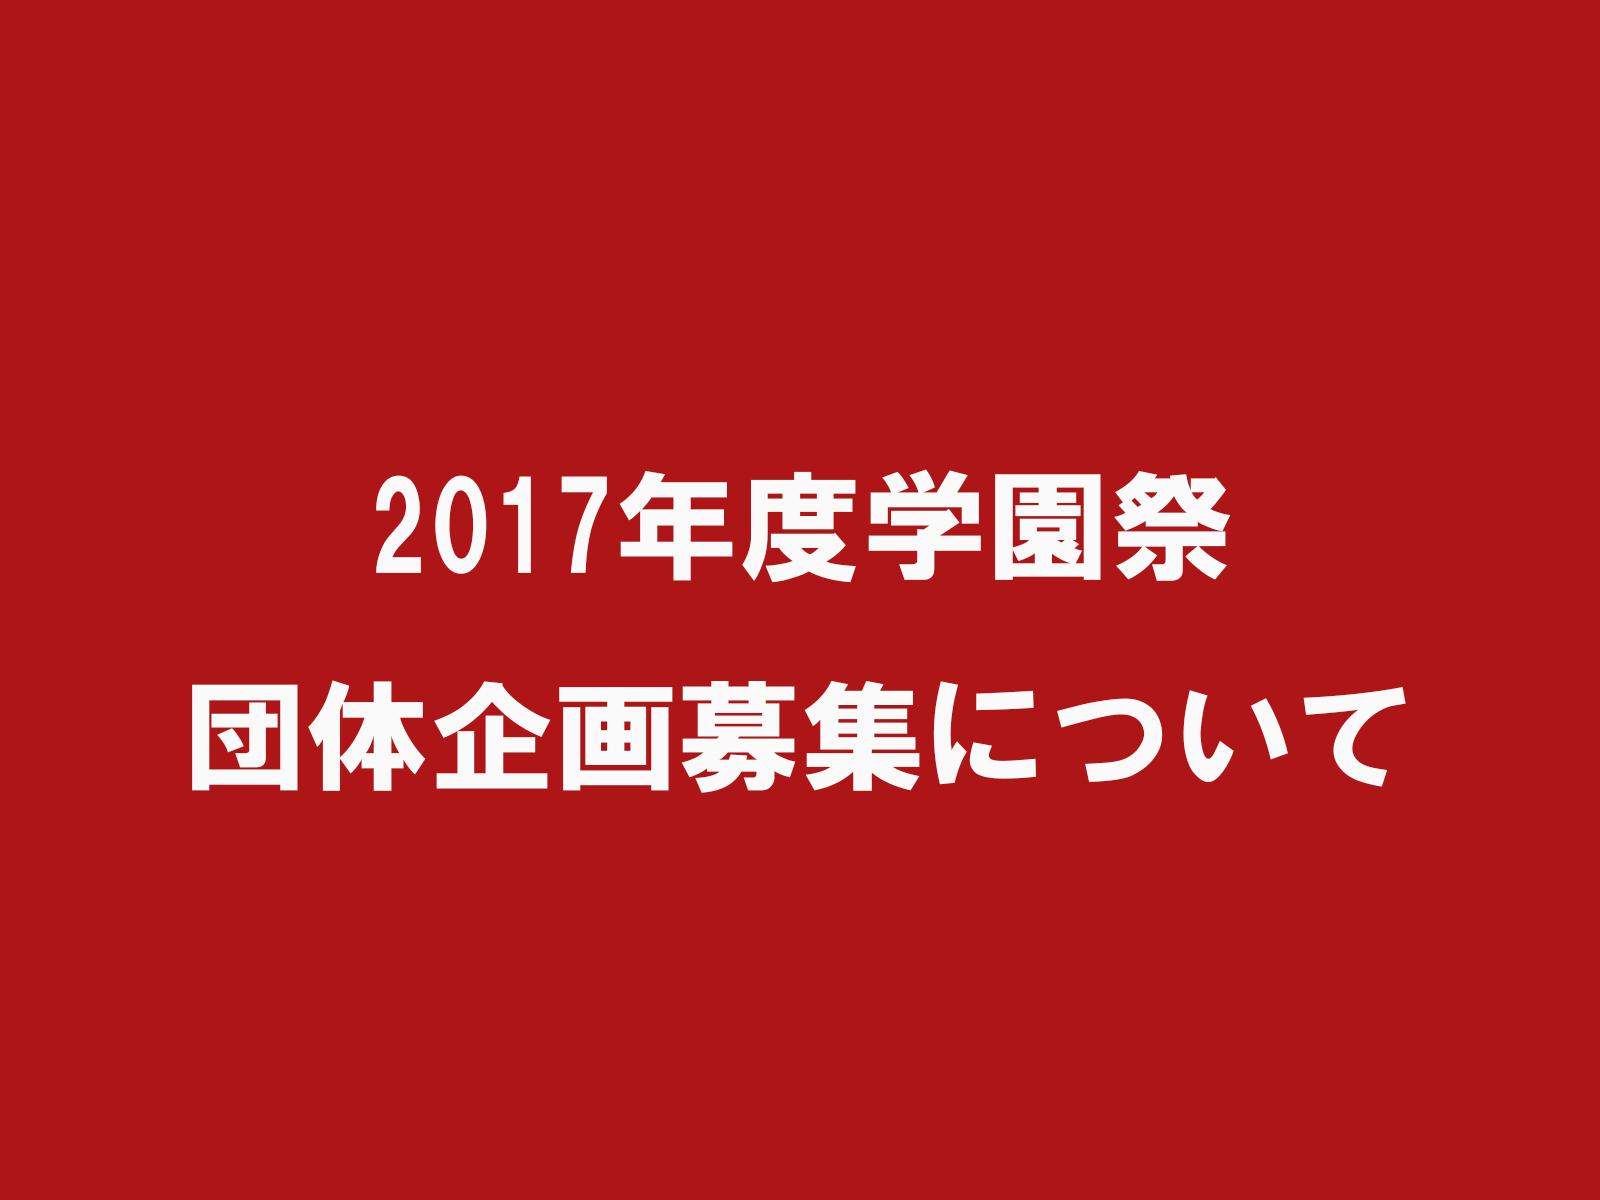 【2017年度の団体企画にてB棟を利用される際の注意点】